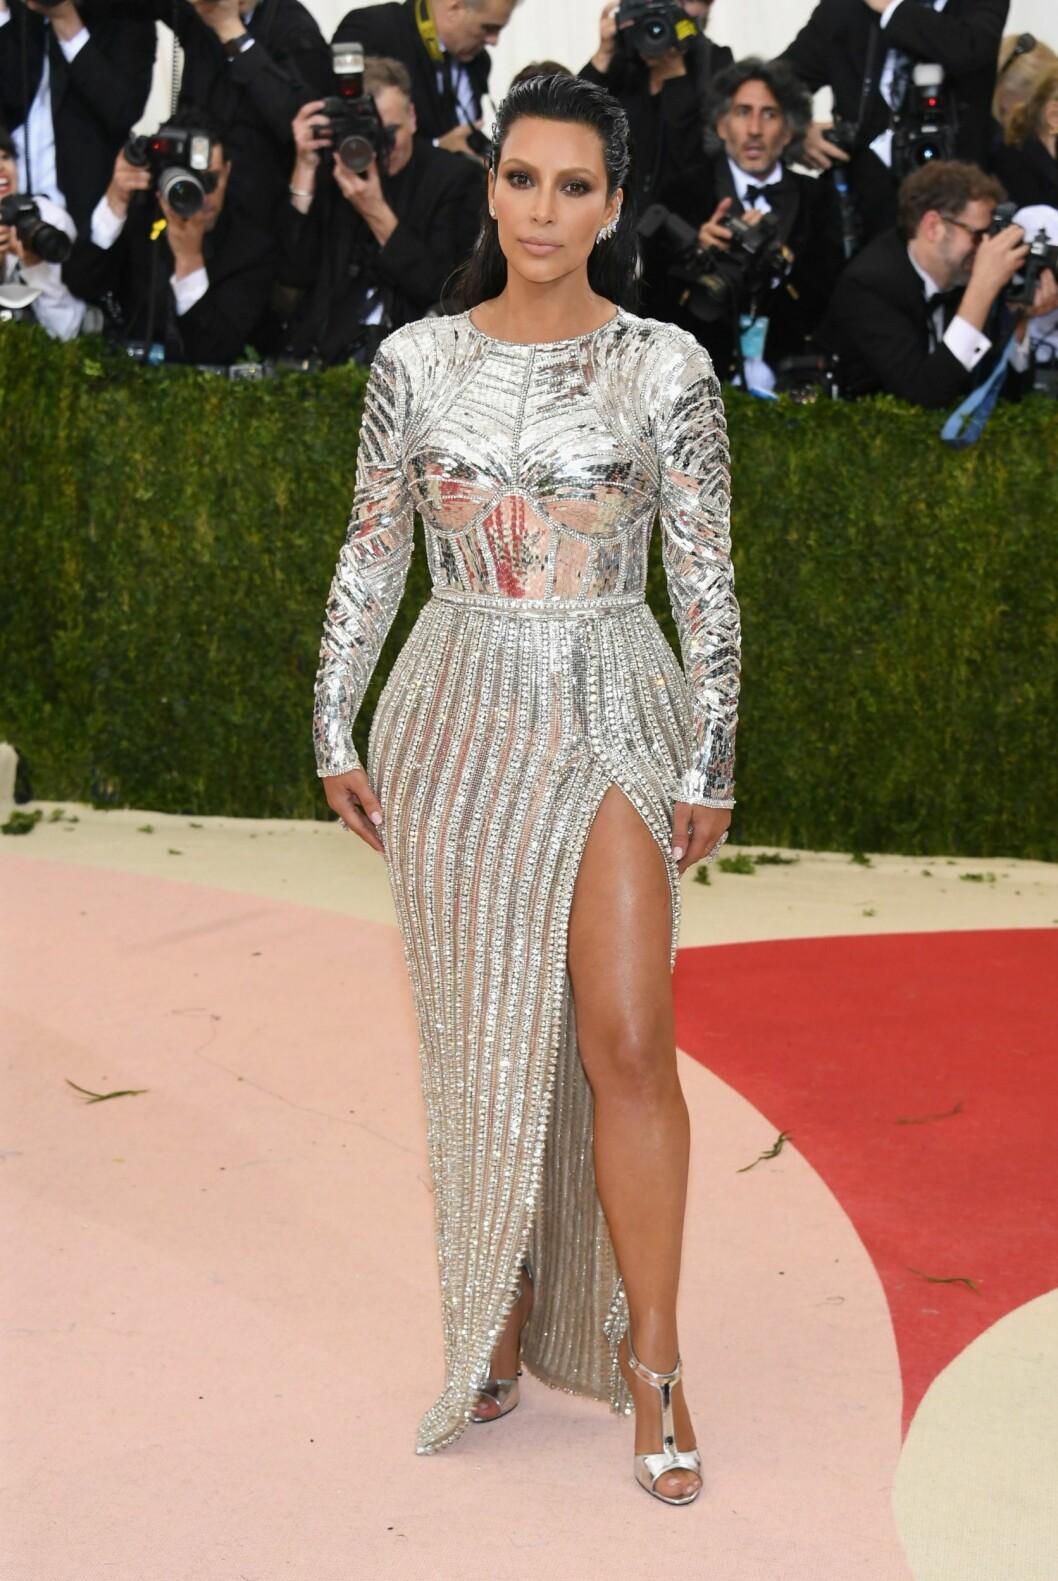 OGSÅ RUSTNING: Kim Kardashian, som ble mamma for annen gang i desember, viste formene i en sølvkjole fra Balmain. Foto: Afp